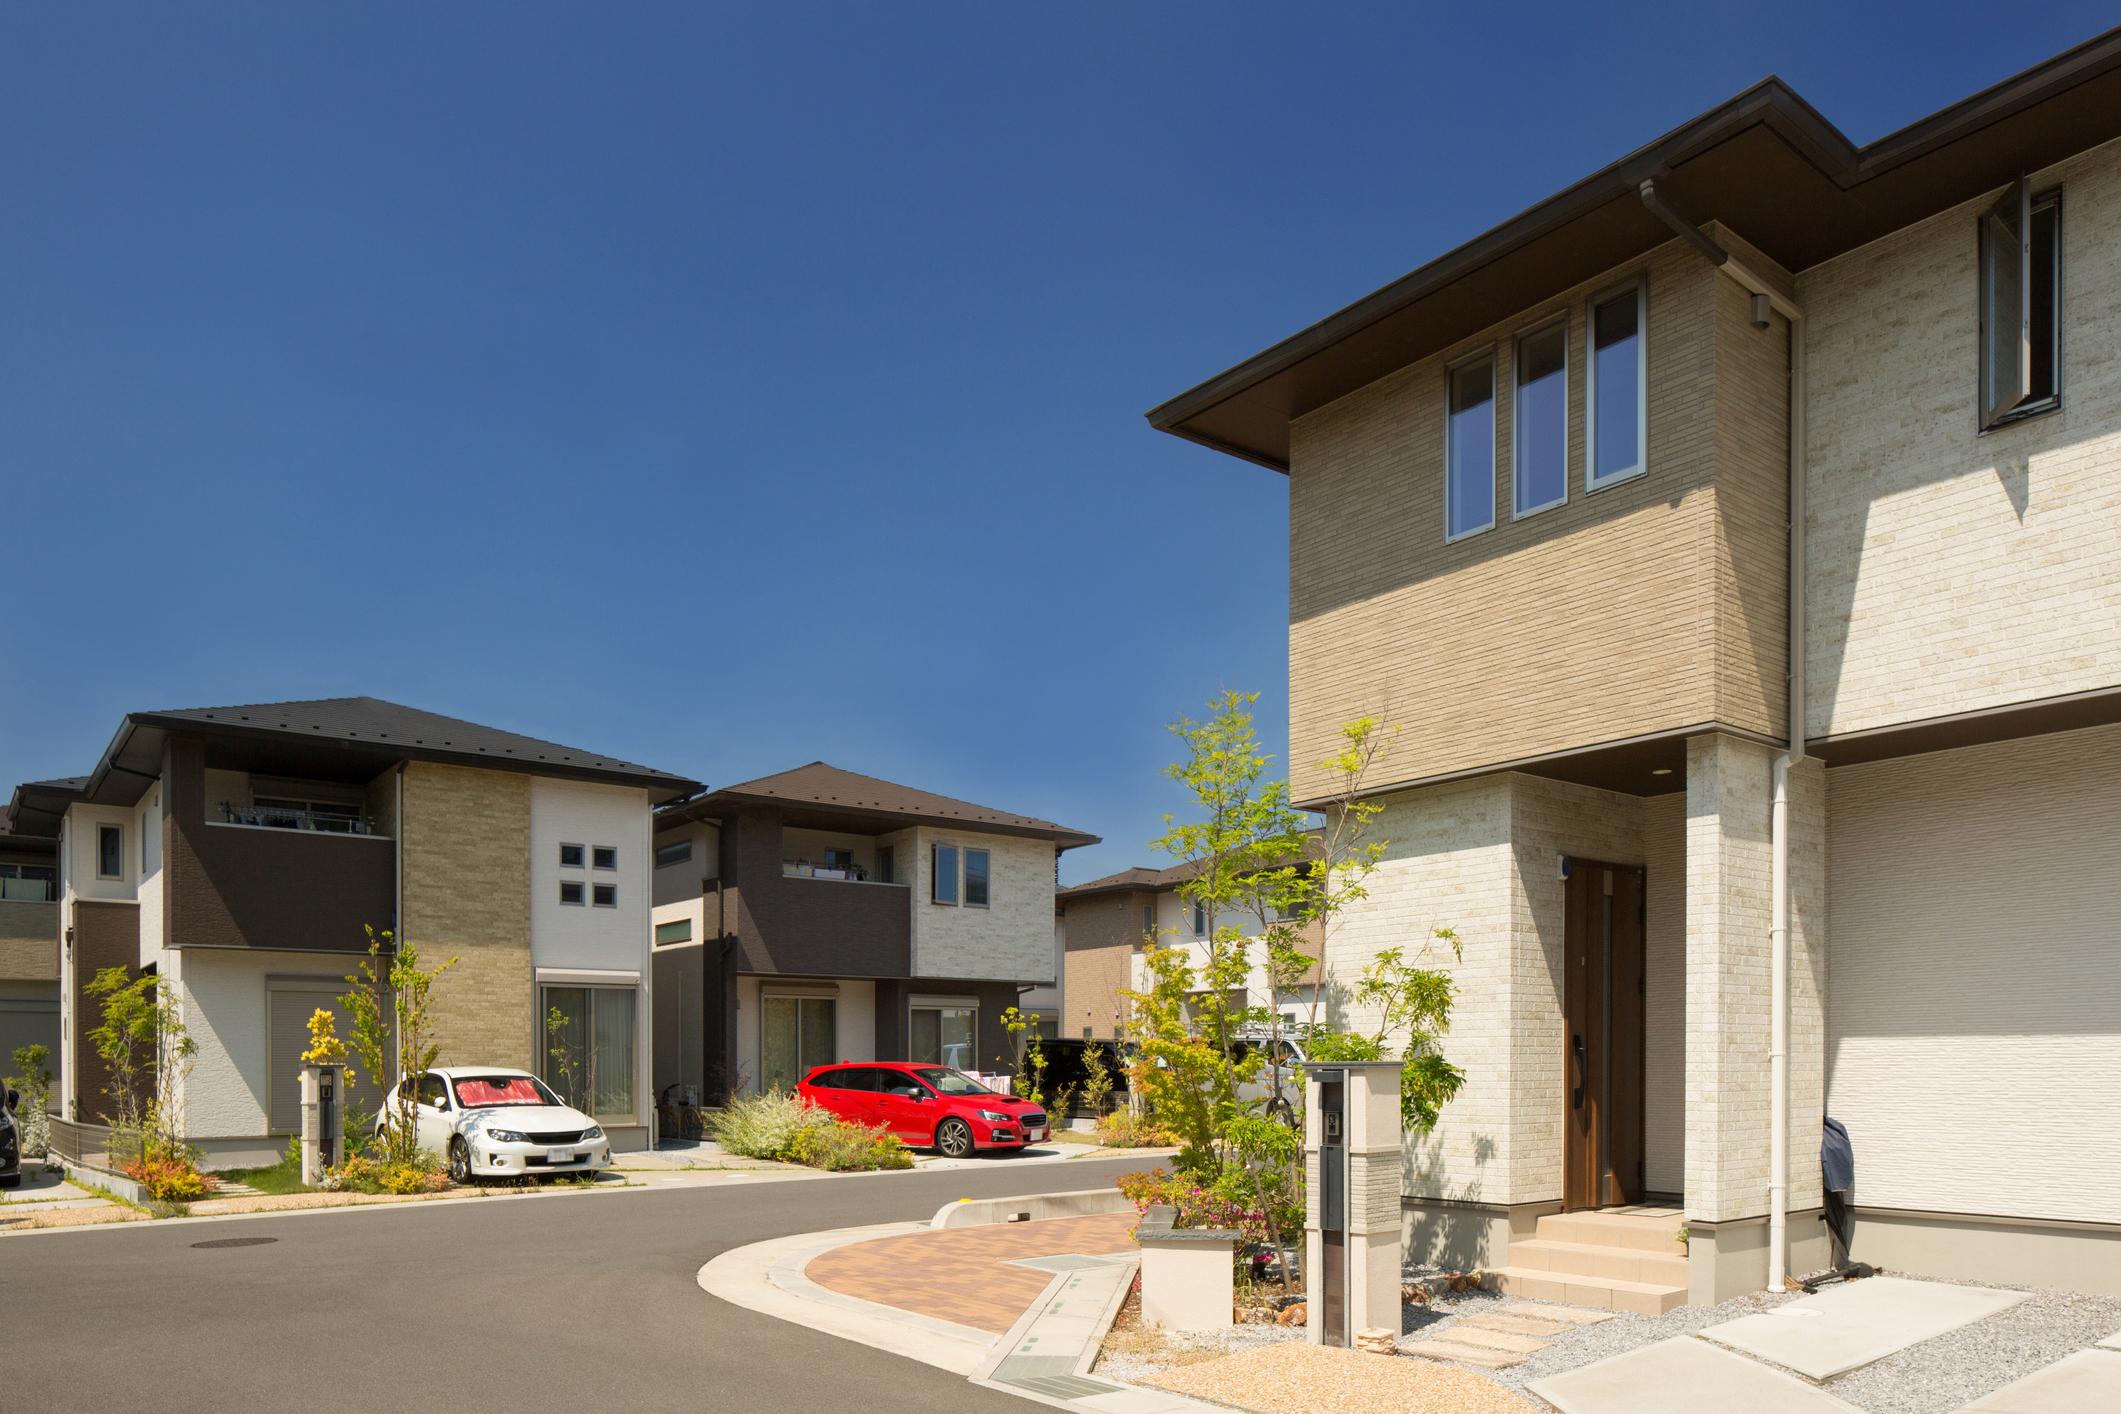 初めて戸建・一軒家を借りるための基礎知識|アパートやマンションとの賃貸初期費用の違いは?